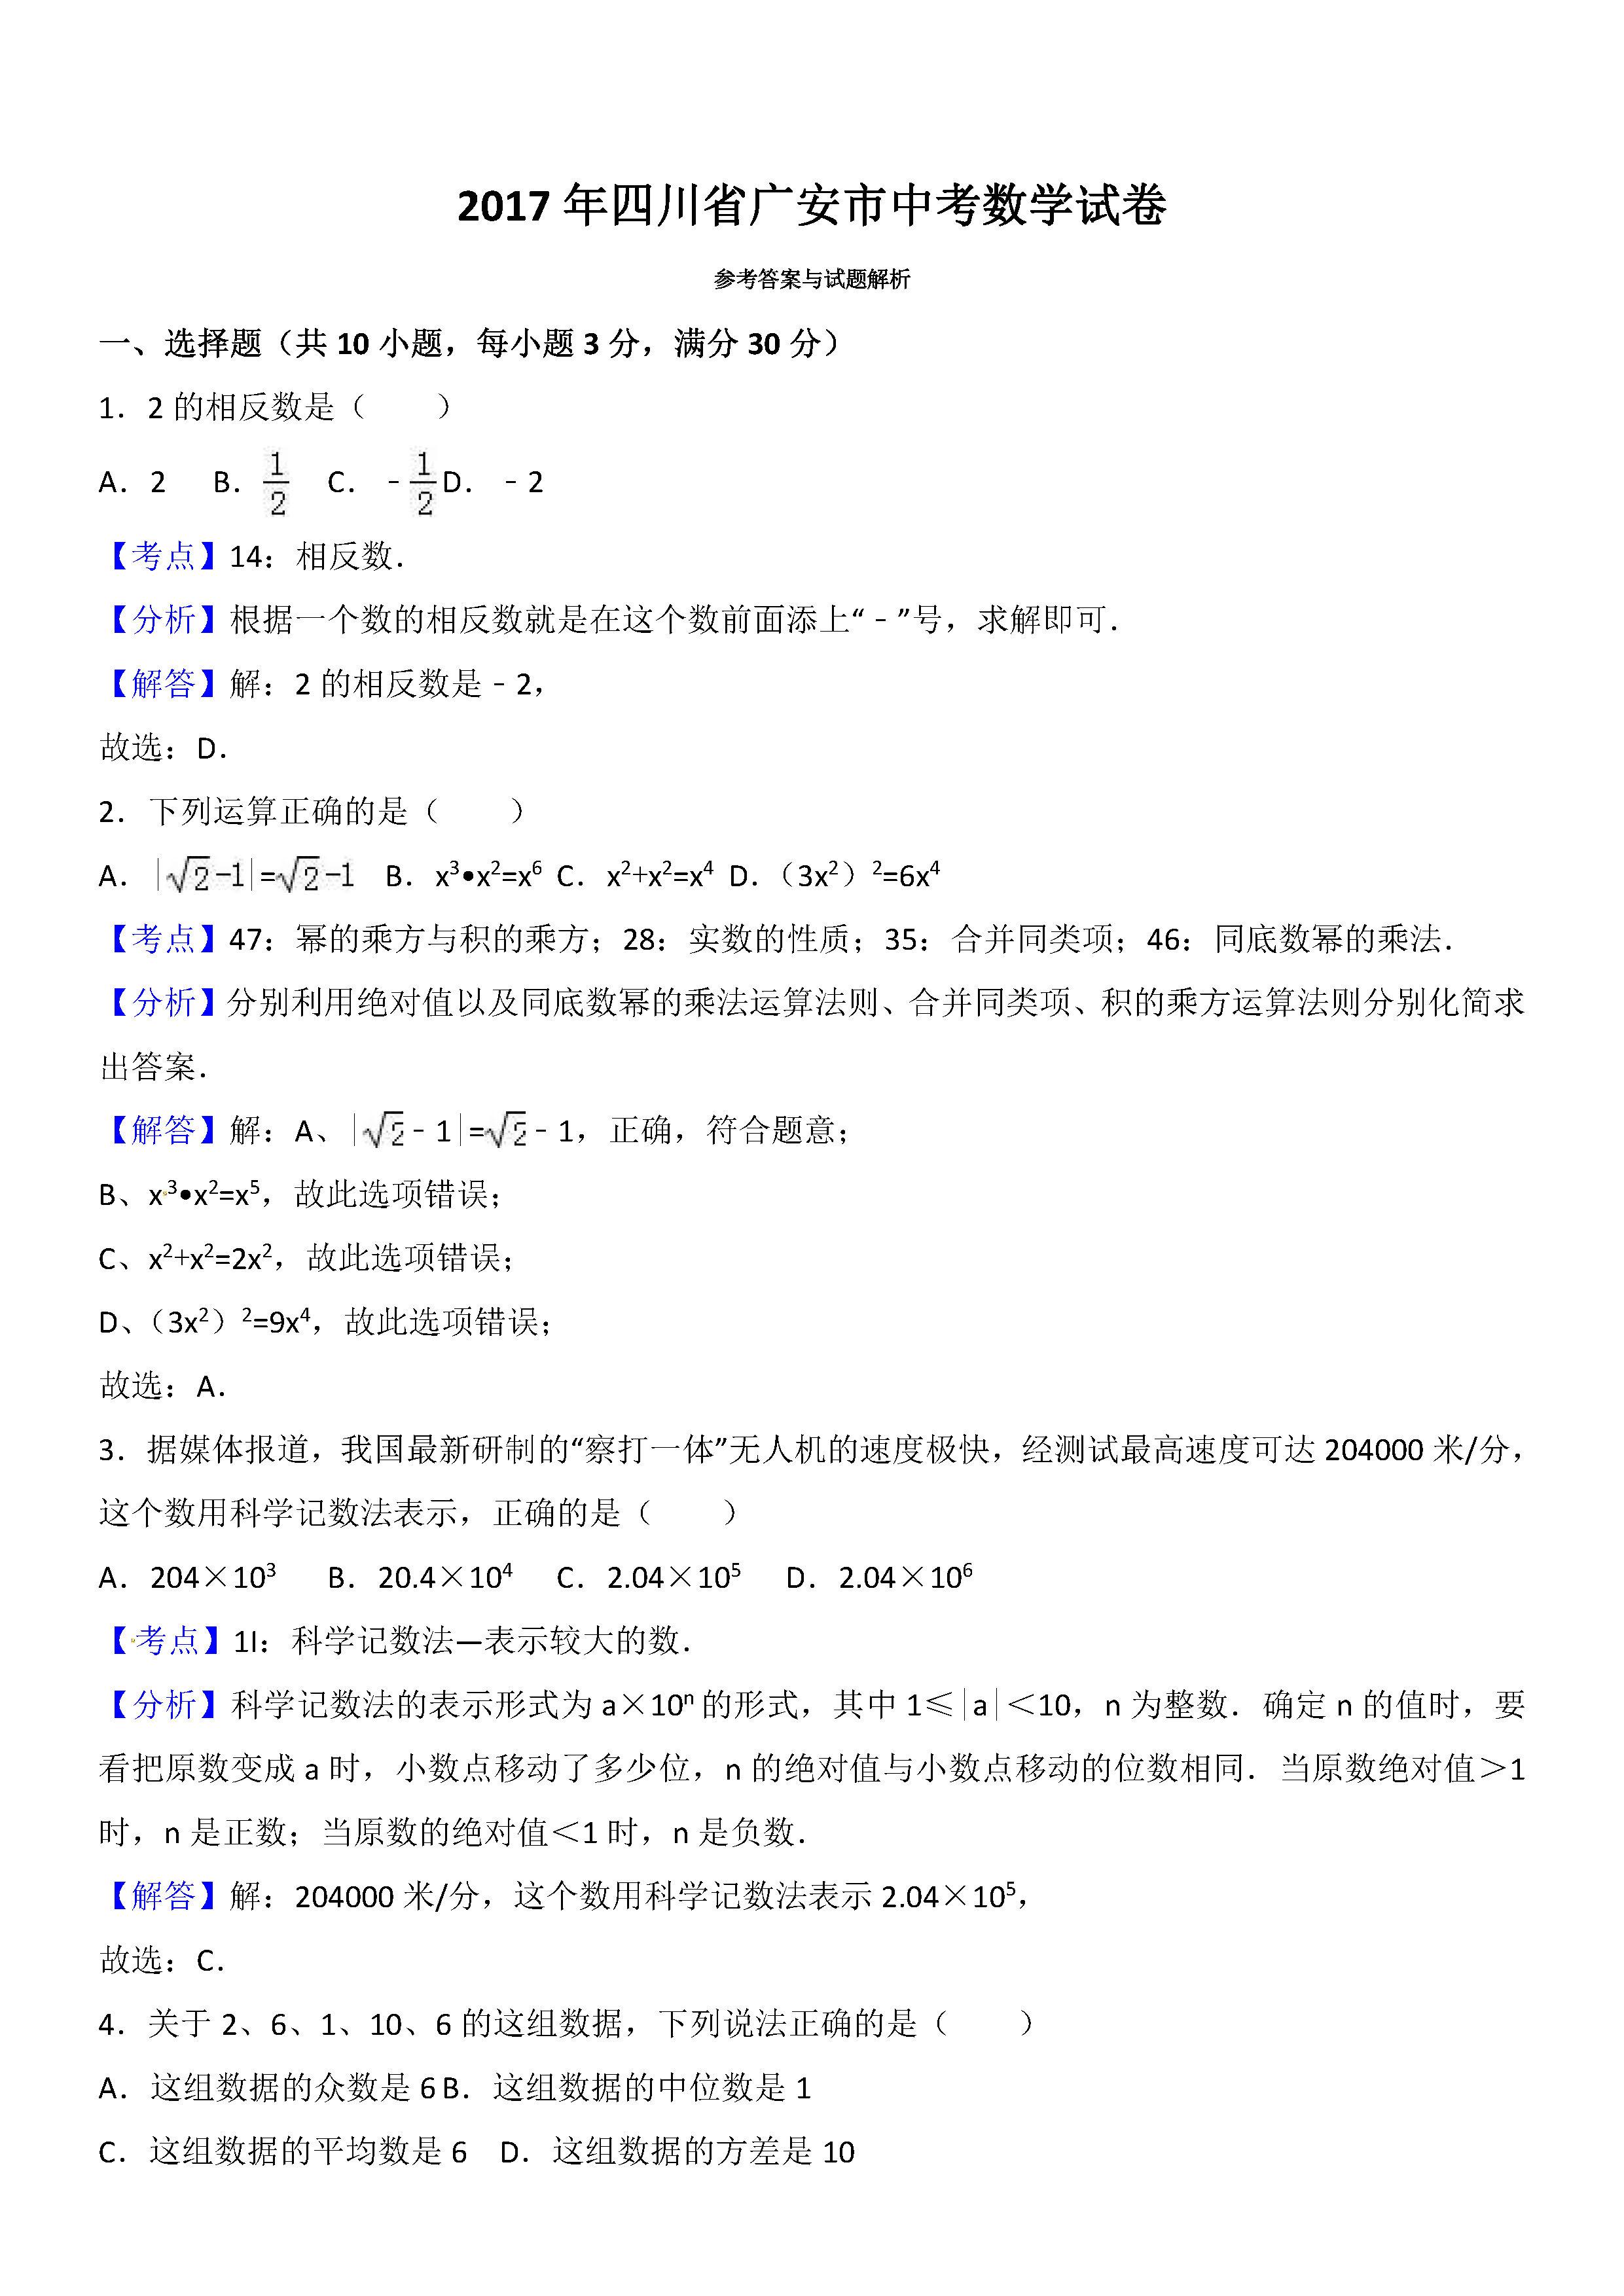 2017广安中考数学试题及答案解析(word版含答案)